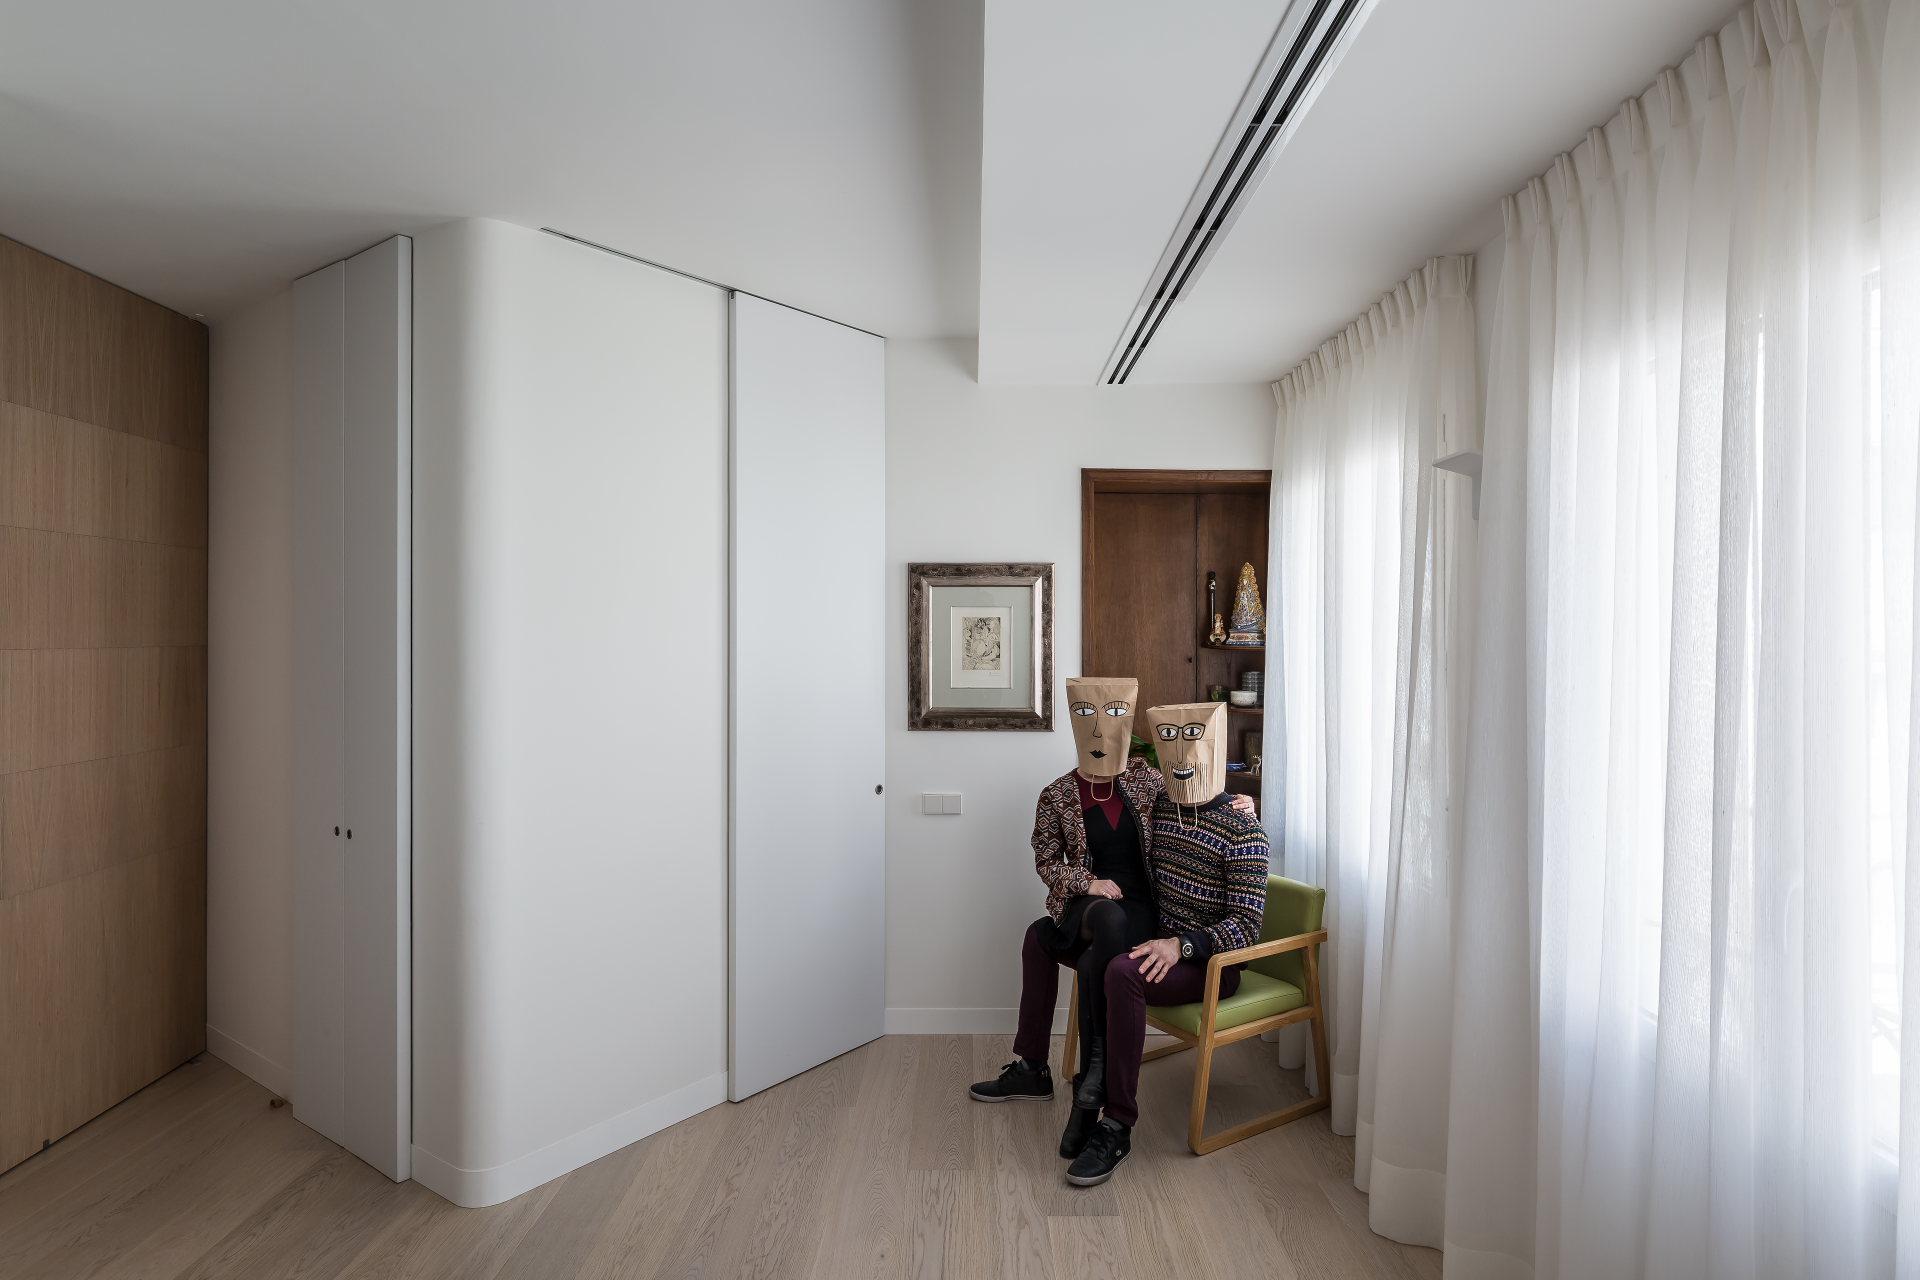 fotografia-arquitectura-valencia-german-cabo-selecta-home-alicante (15)